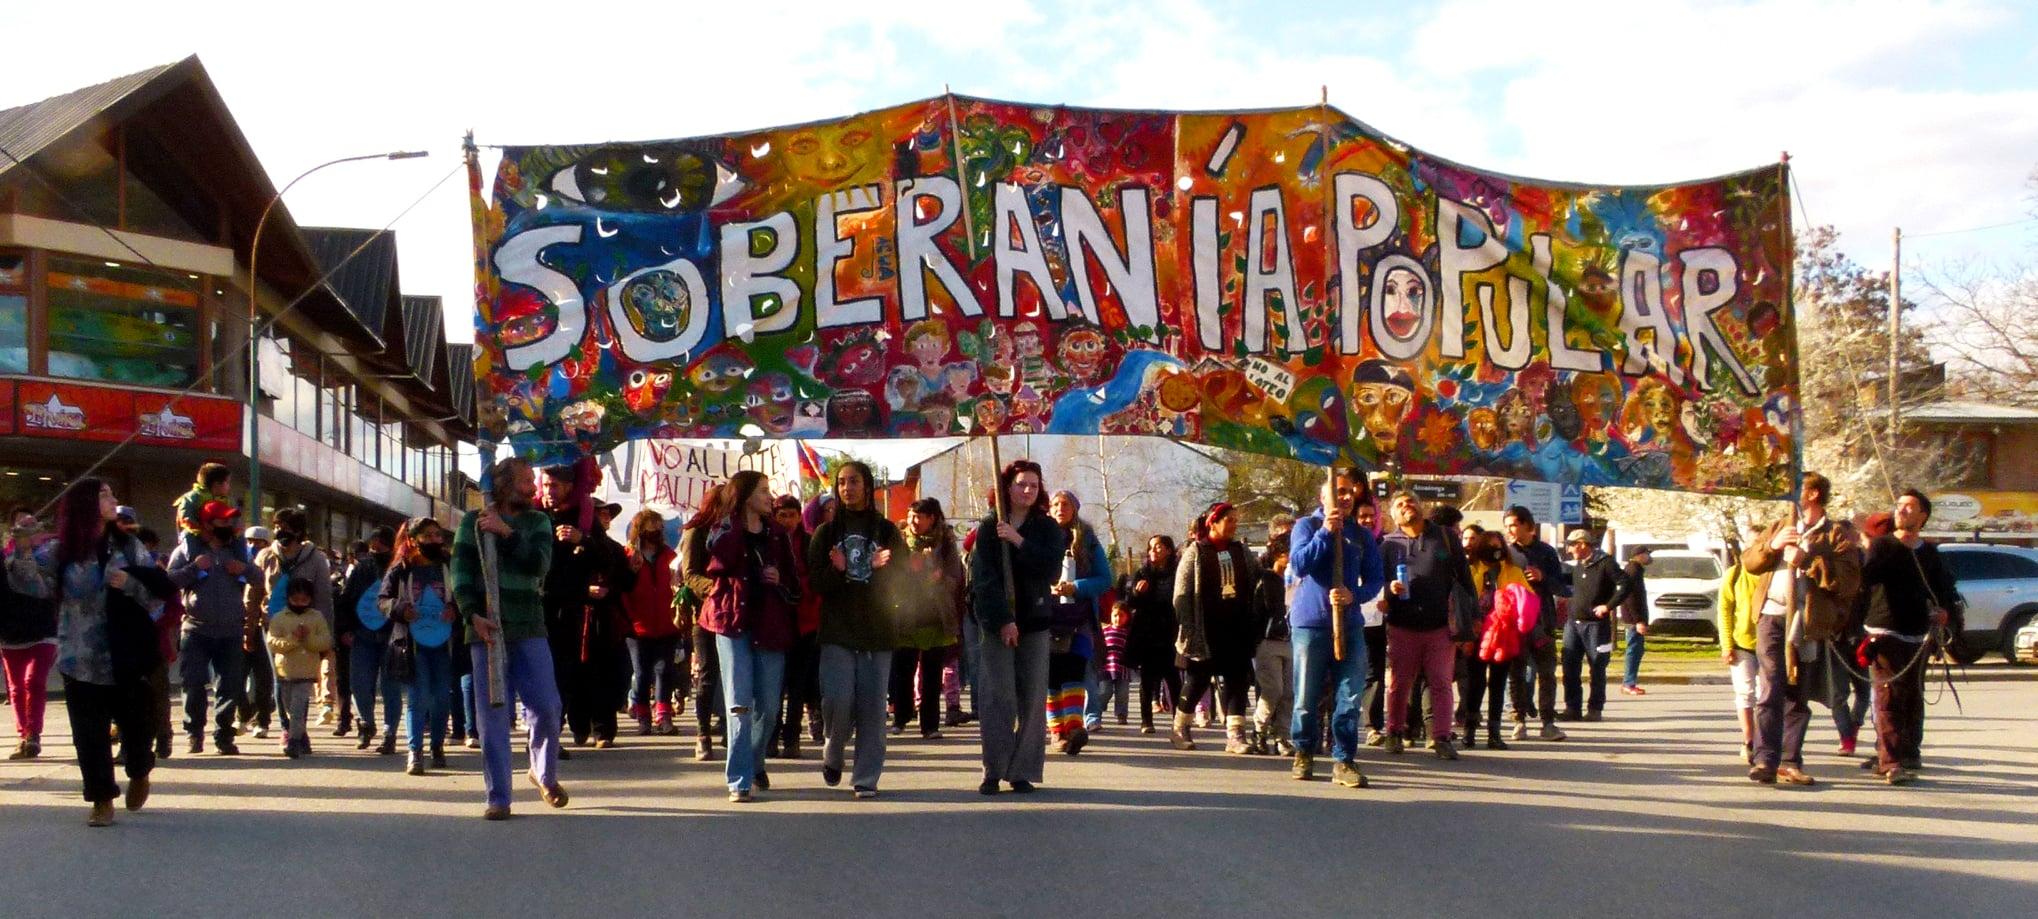 Multitudinaria manifestación el sábado en contra de la urbanización en Pampa de Ludden